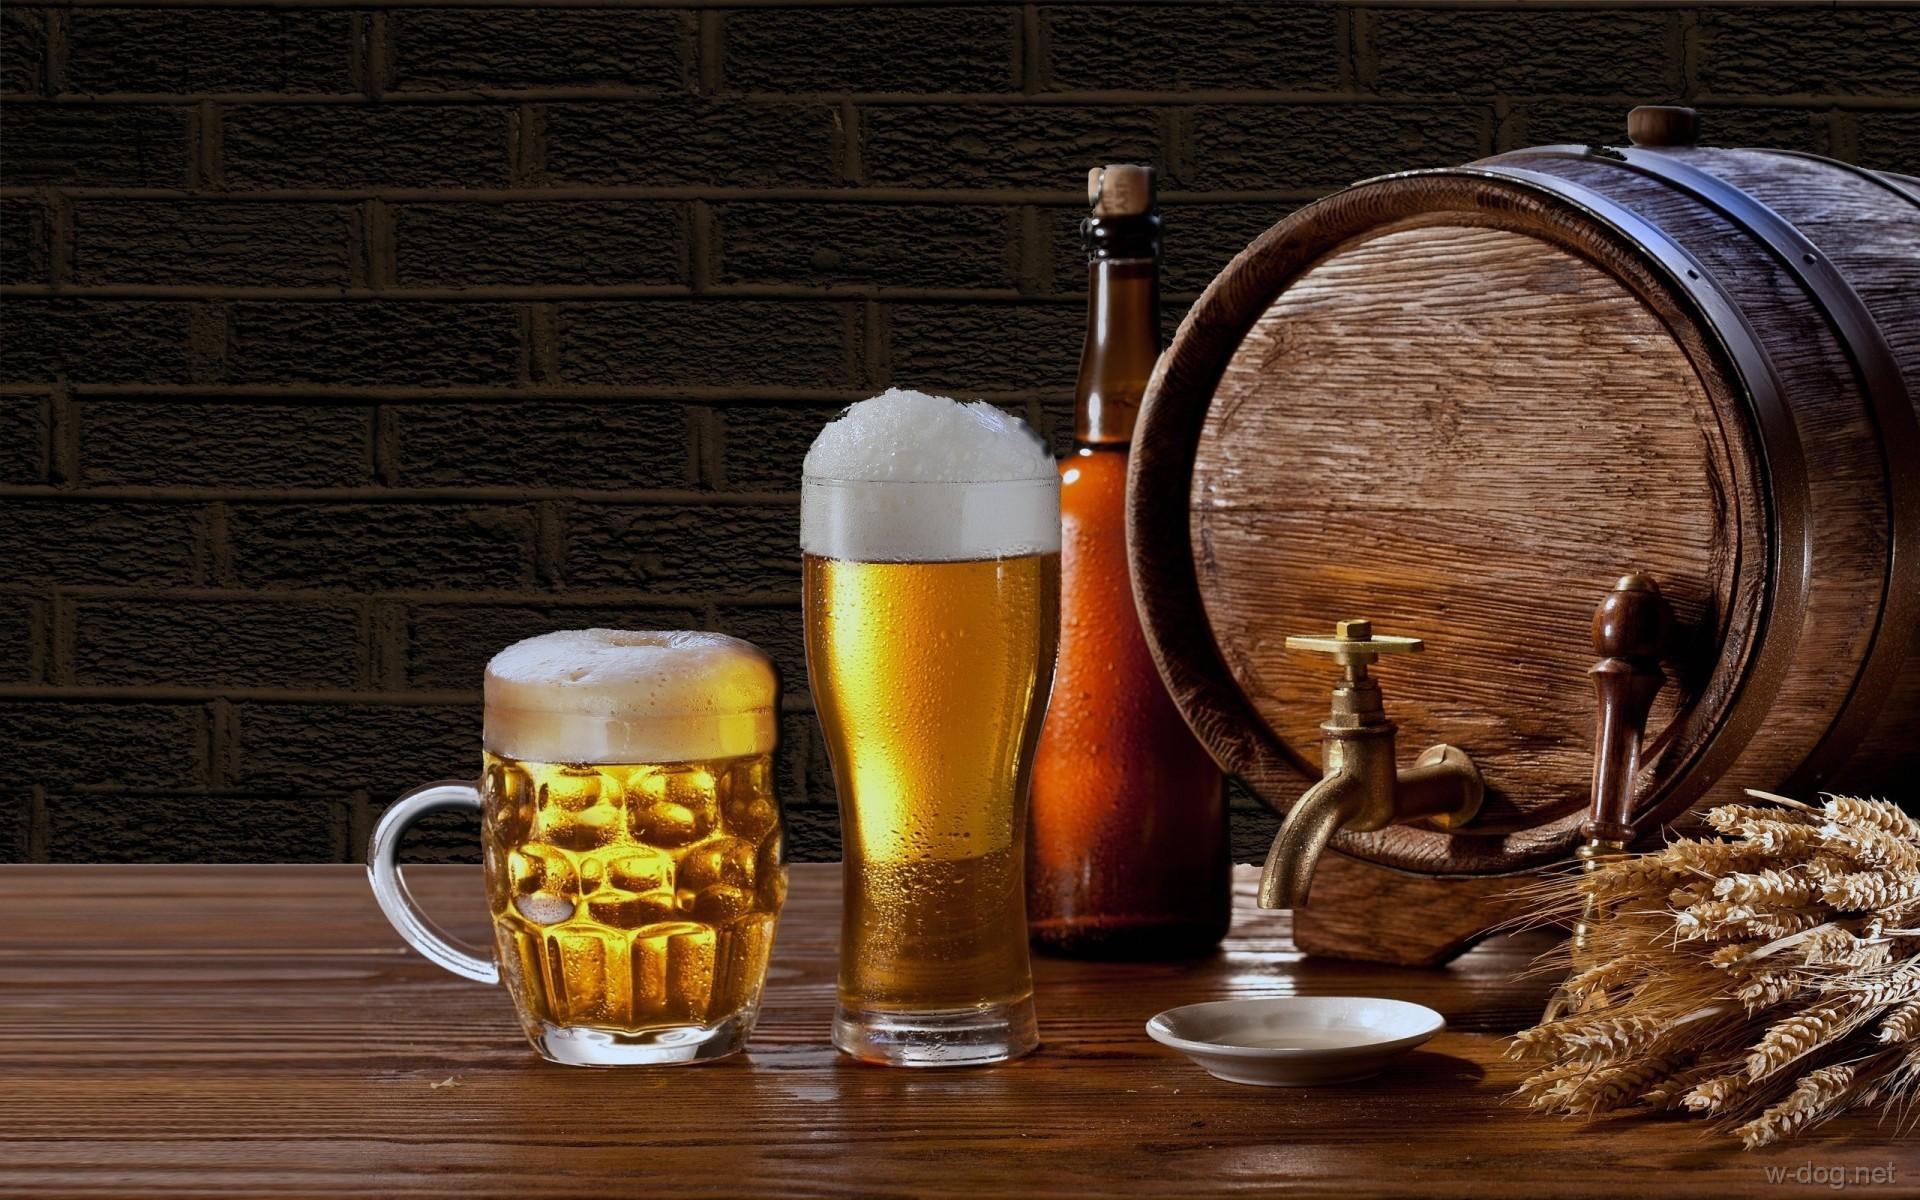 янтарный парусник разливное пиво красивые картинки изменить внешность неузнаваемости